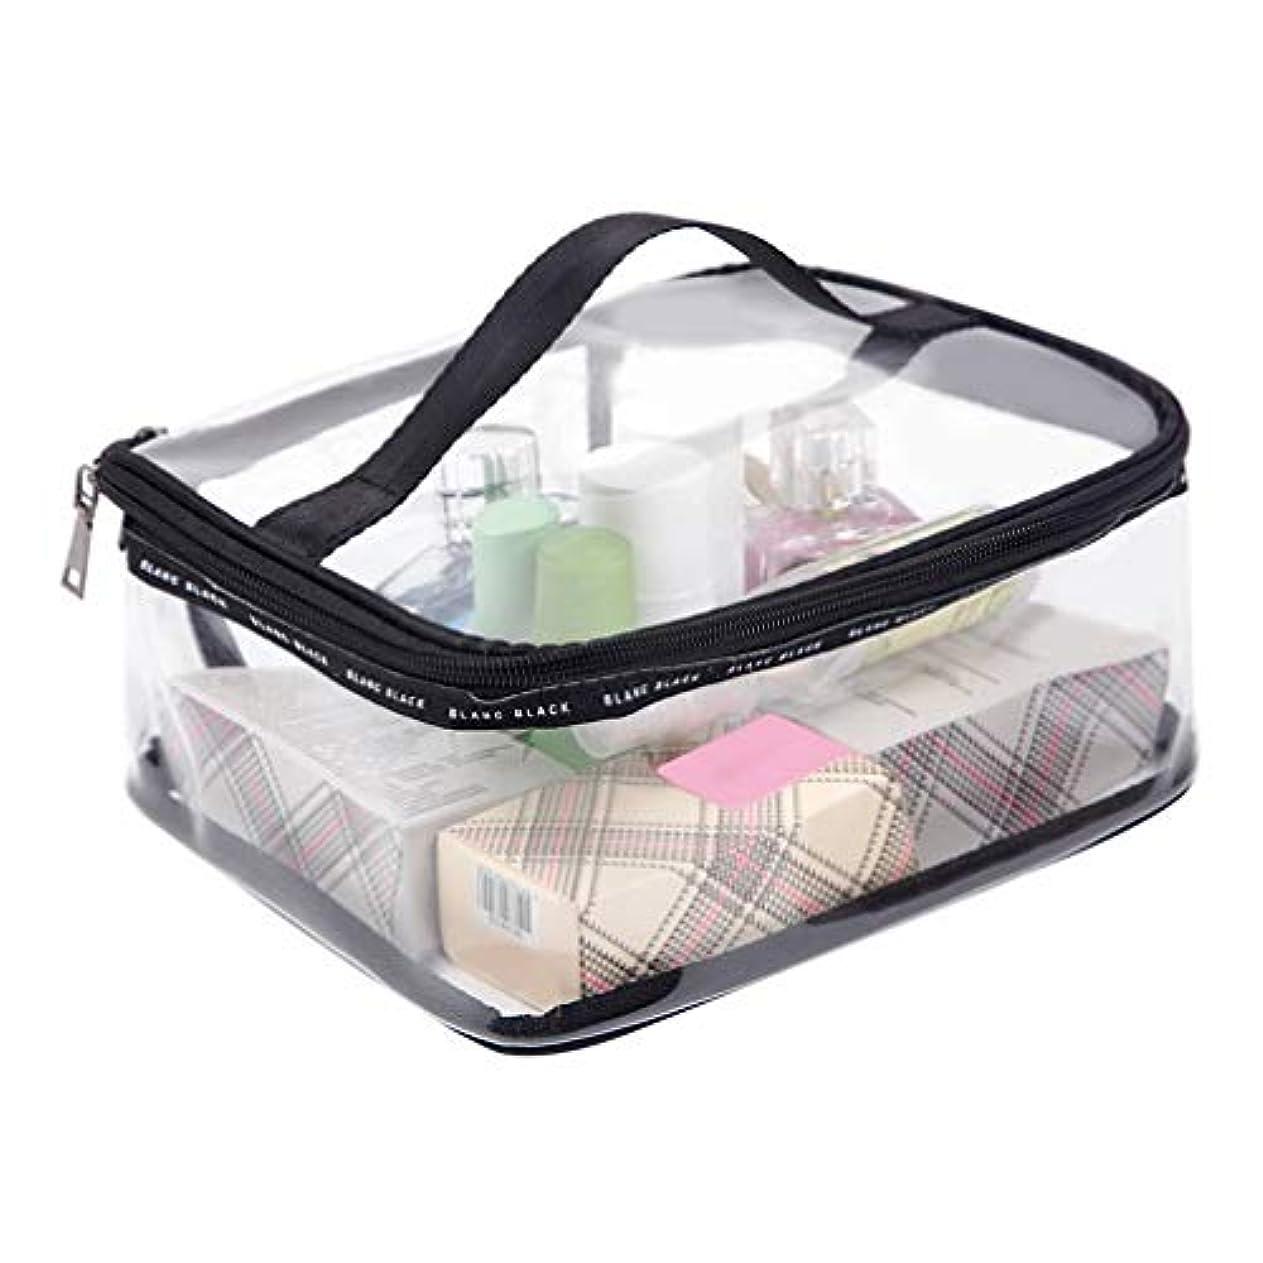 日帰り旅行に今カプセル旅行ストレージウォッシュバッグ防水ポリ塩化ビニールコスメティックバッグ透明ウォッシュバッグ男性と女性ポータブル仕上げパッケージ